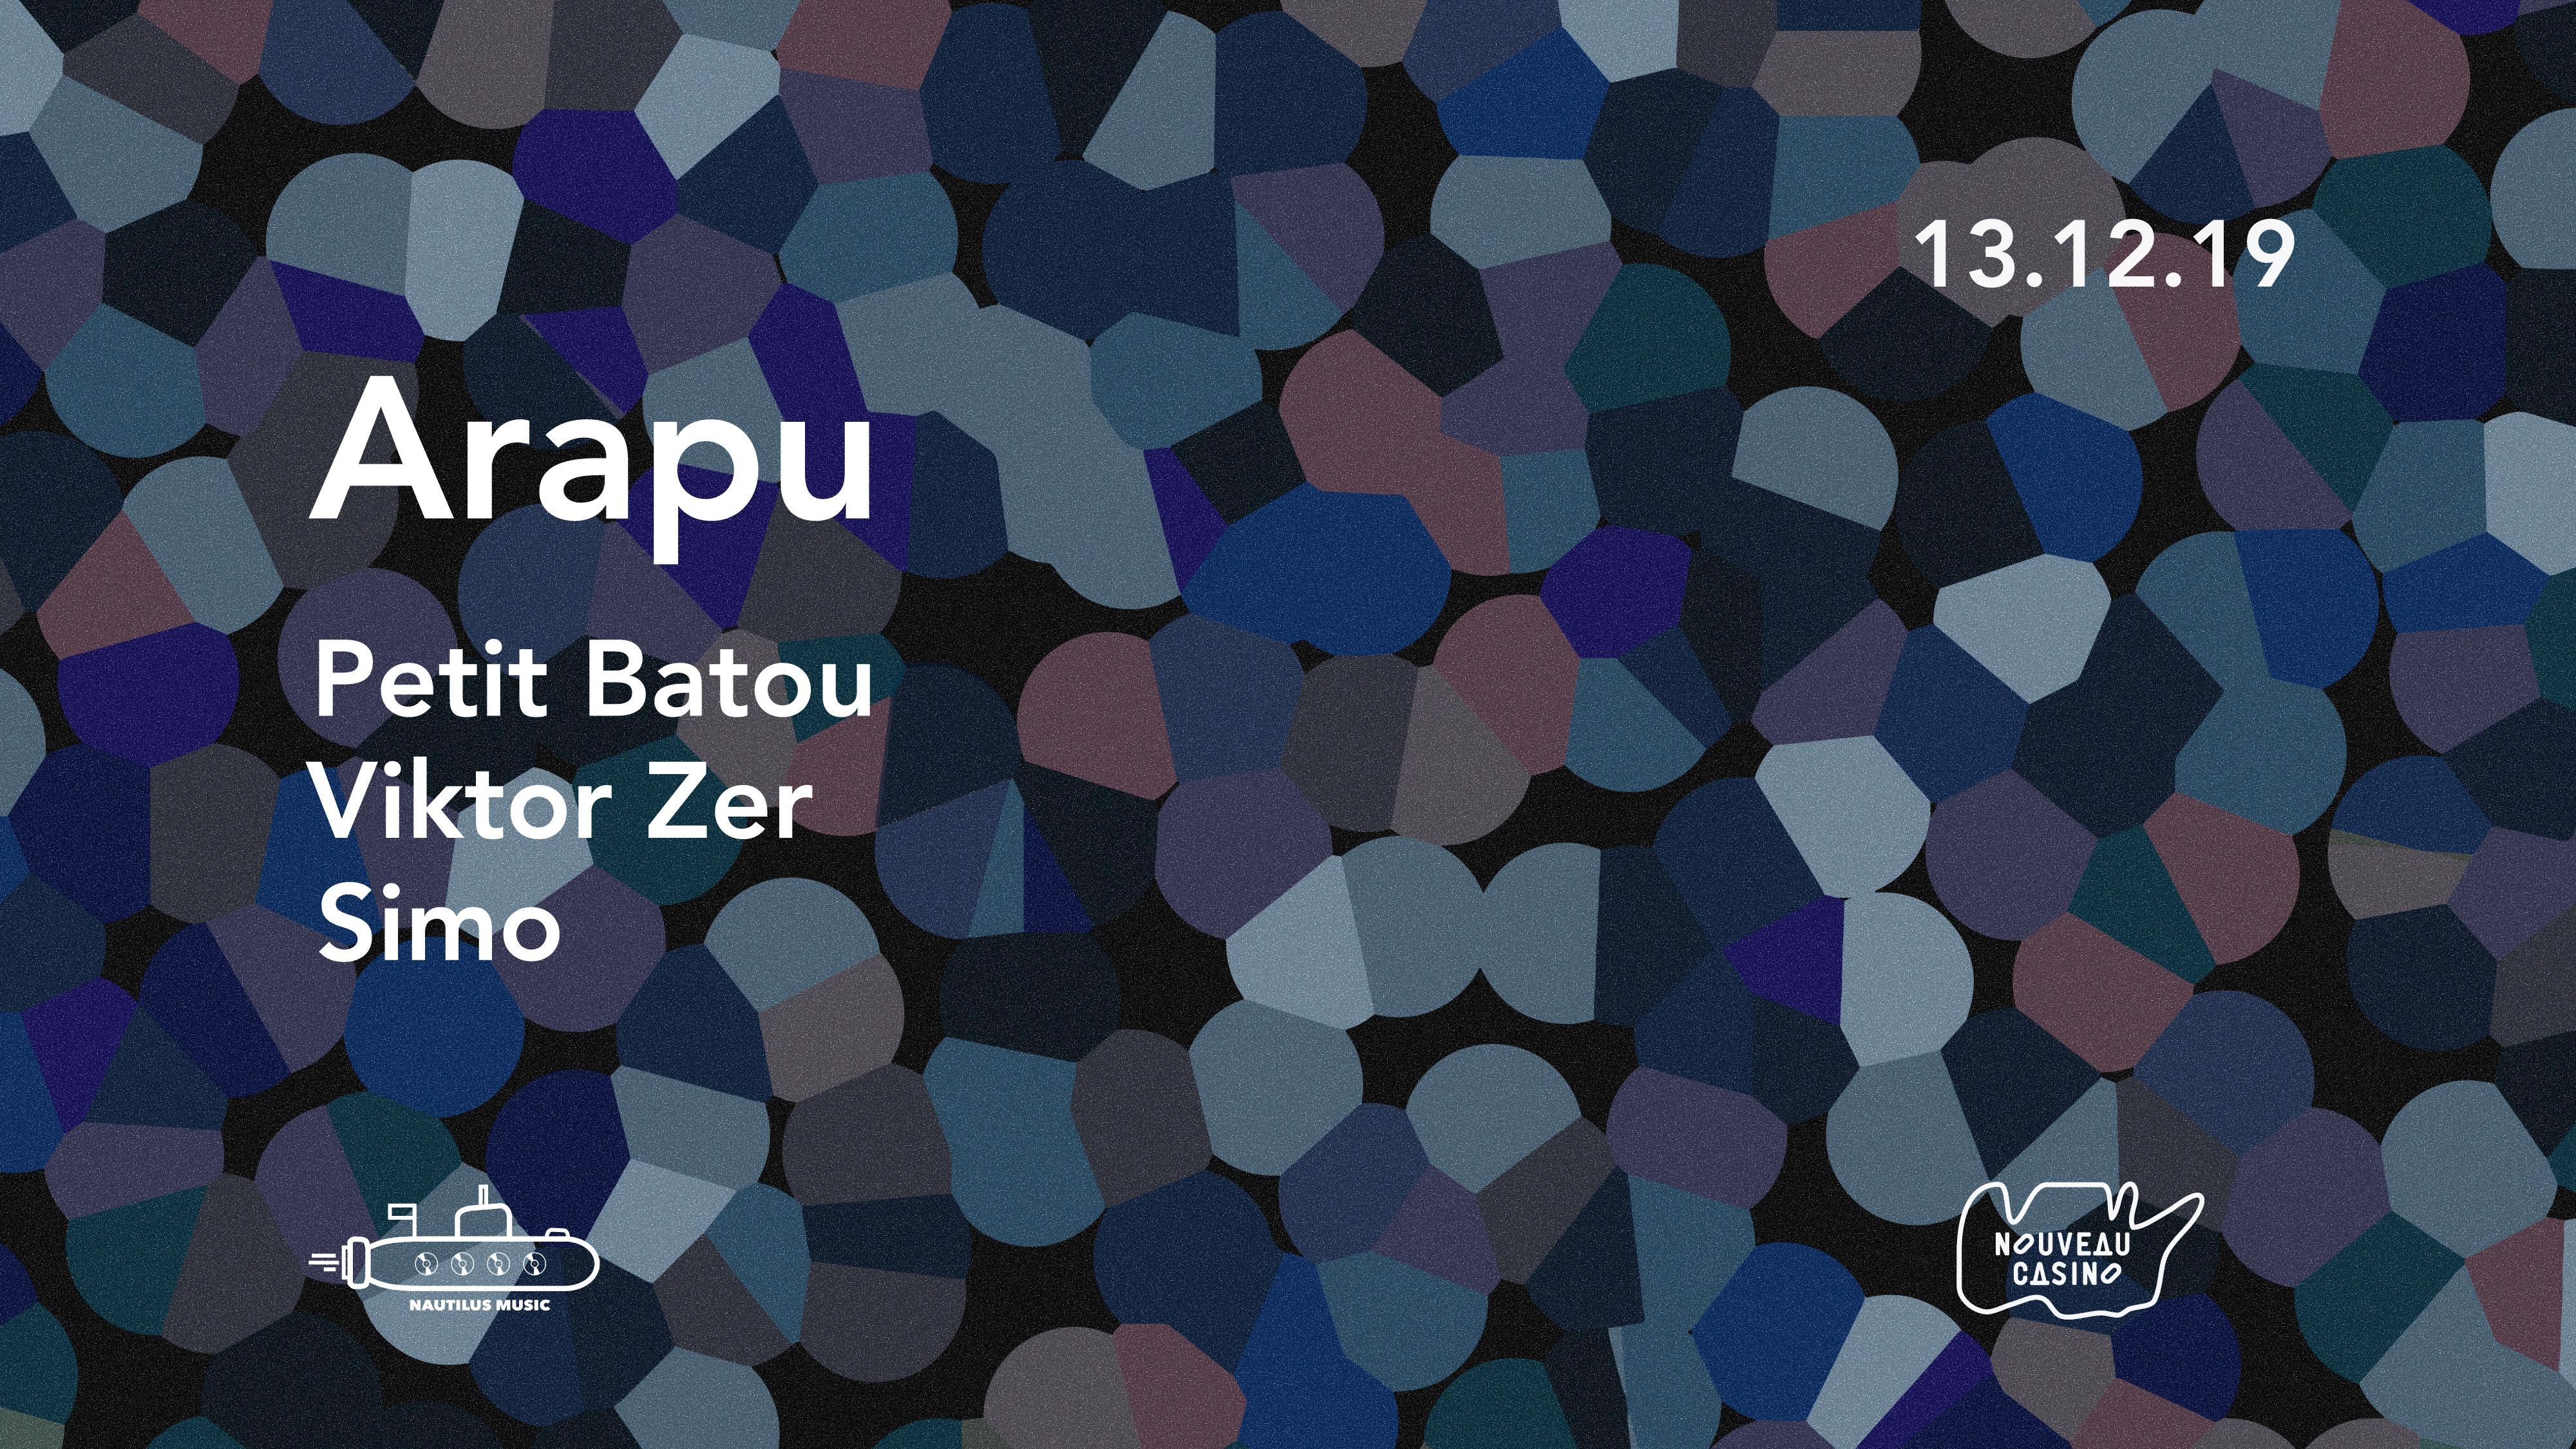 Nautilus invite : ARAPU extended set